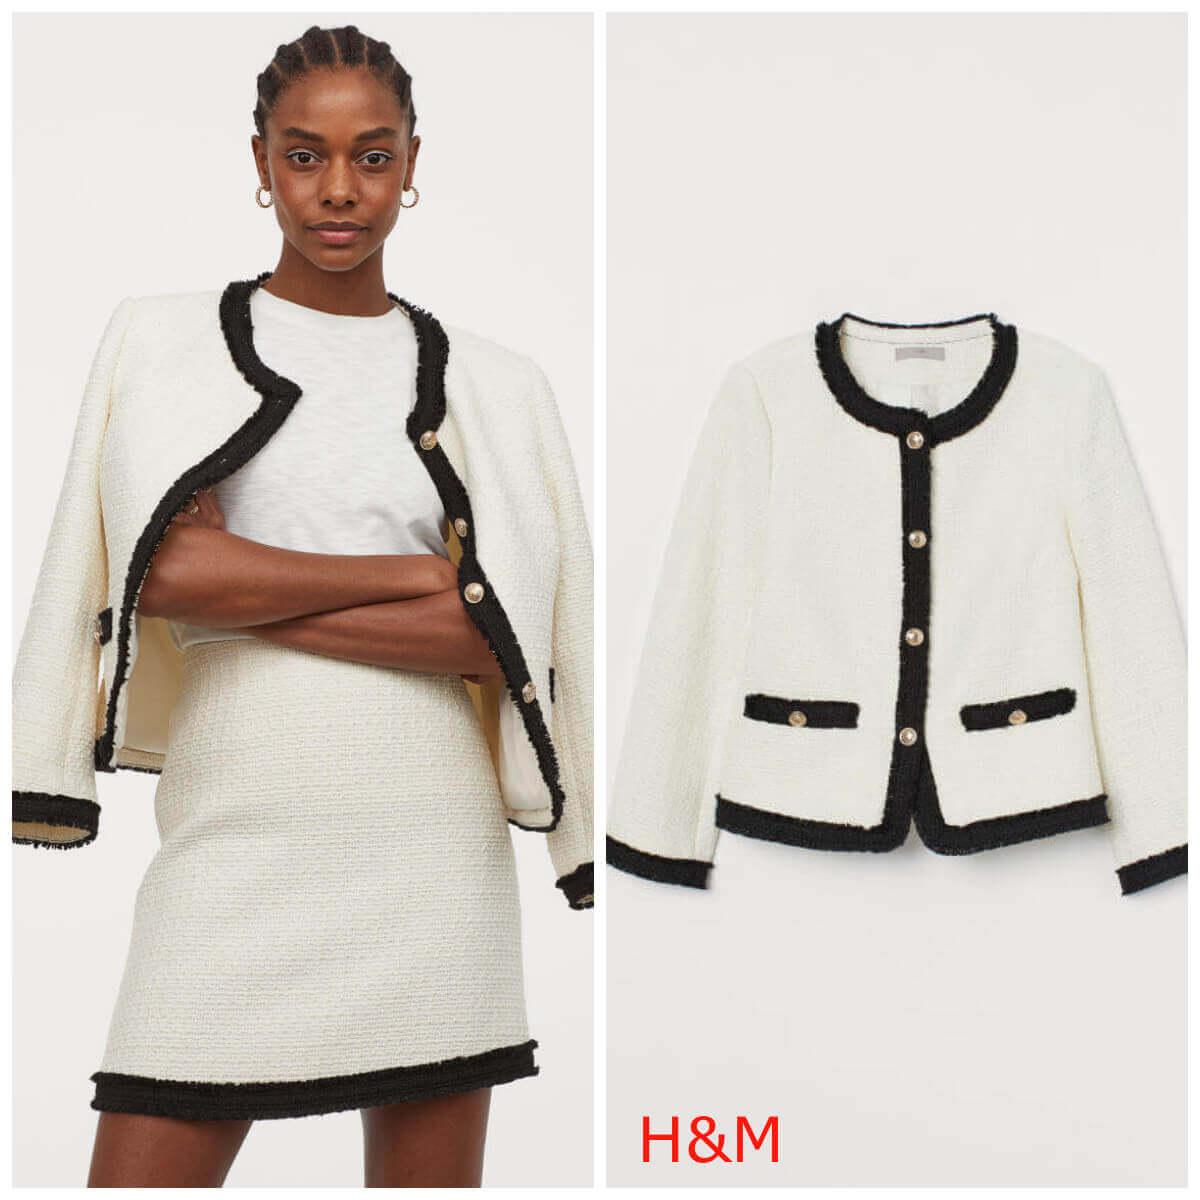 peryska peptika Parisian peptics H&M boucle 2020